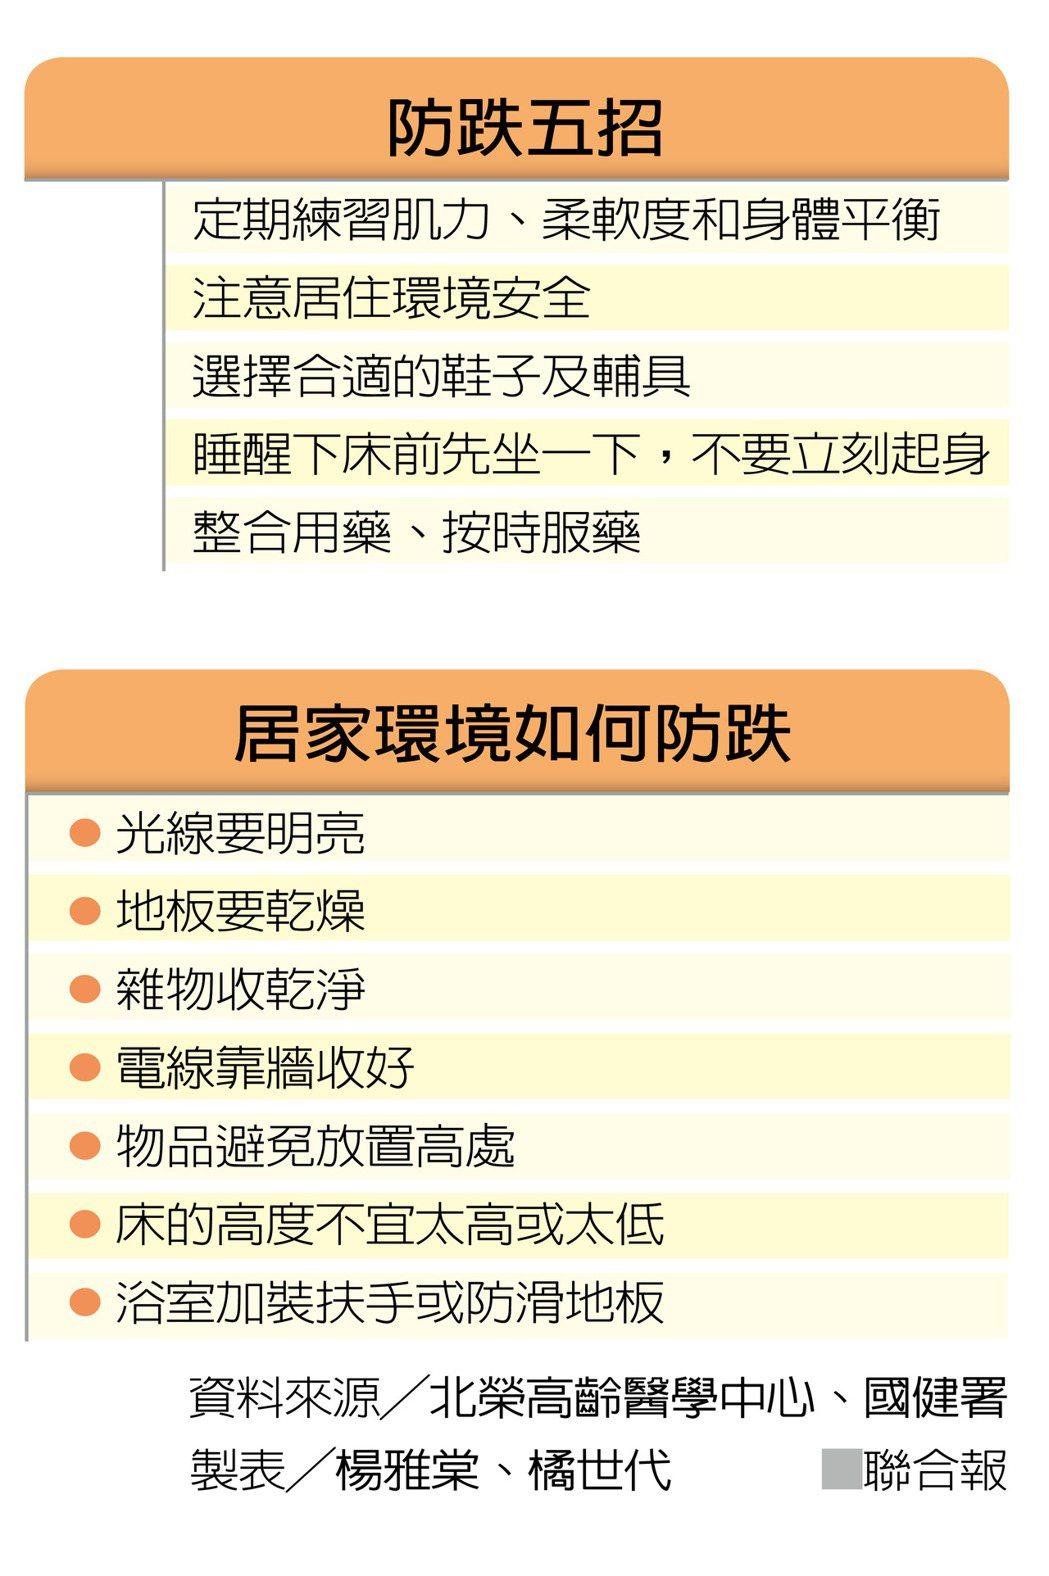 防跌五招 製表/楊雅棠、橘世代